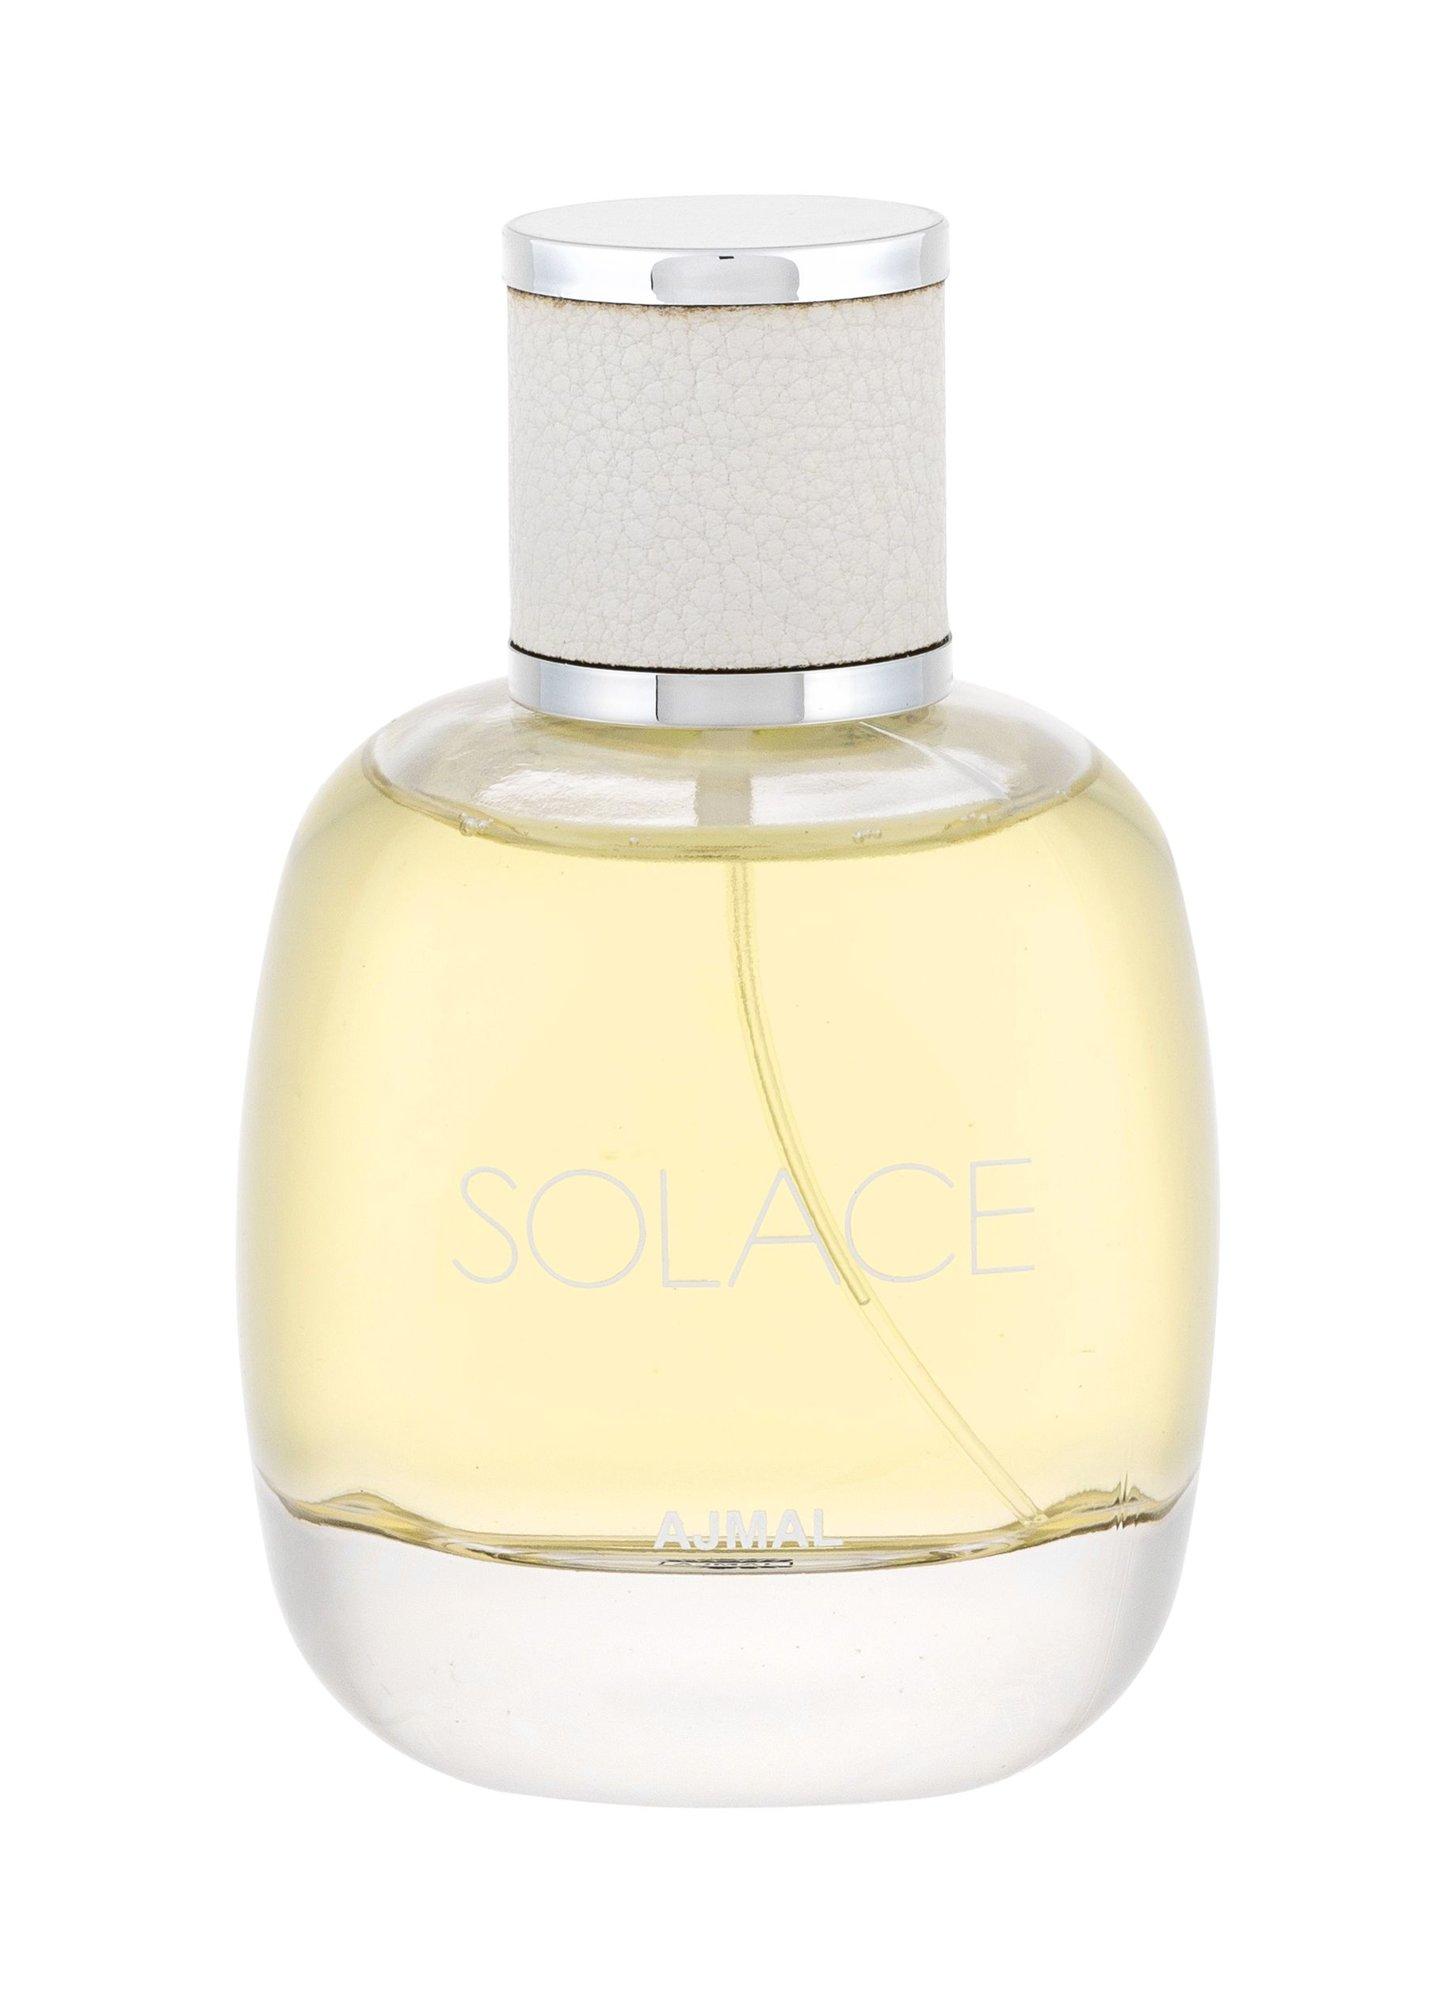 Ajmal Solace Eau de Parfum 100ml